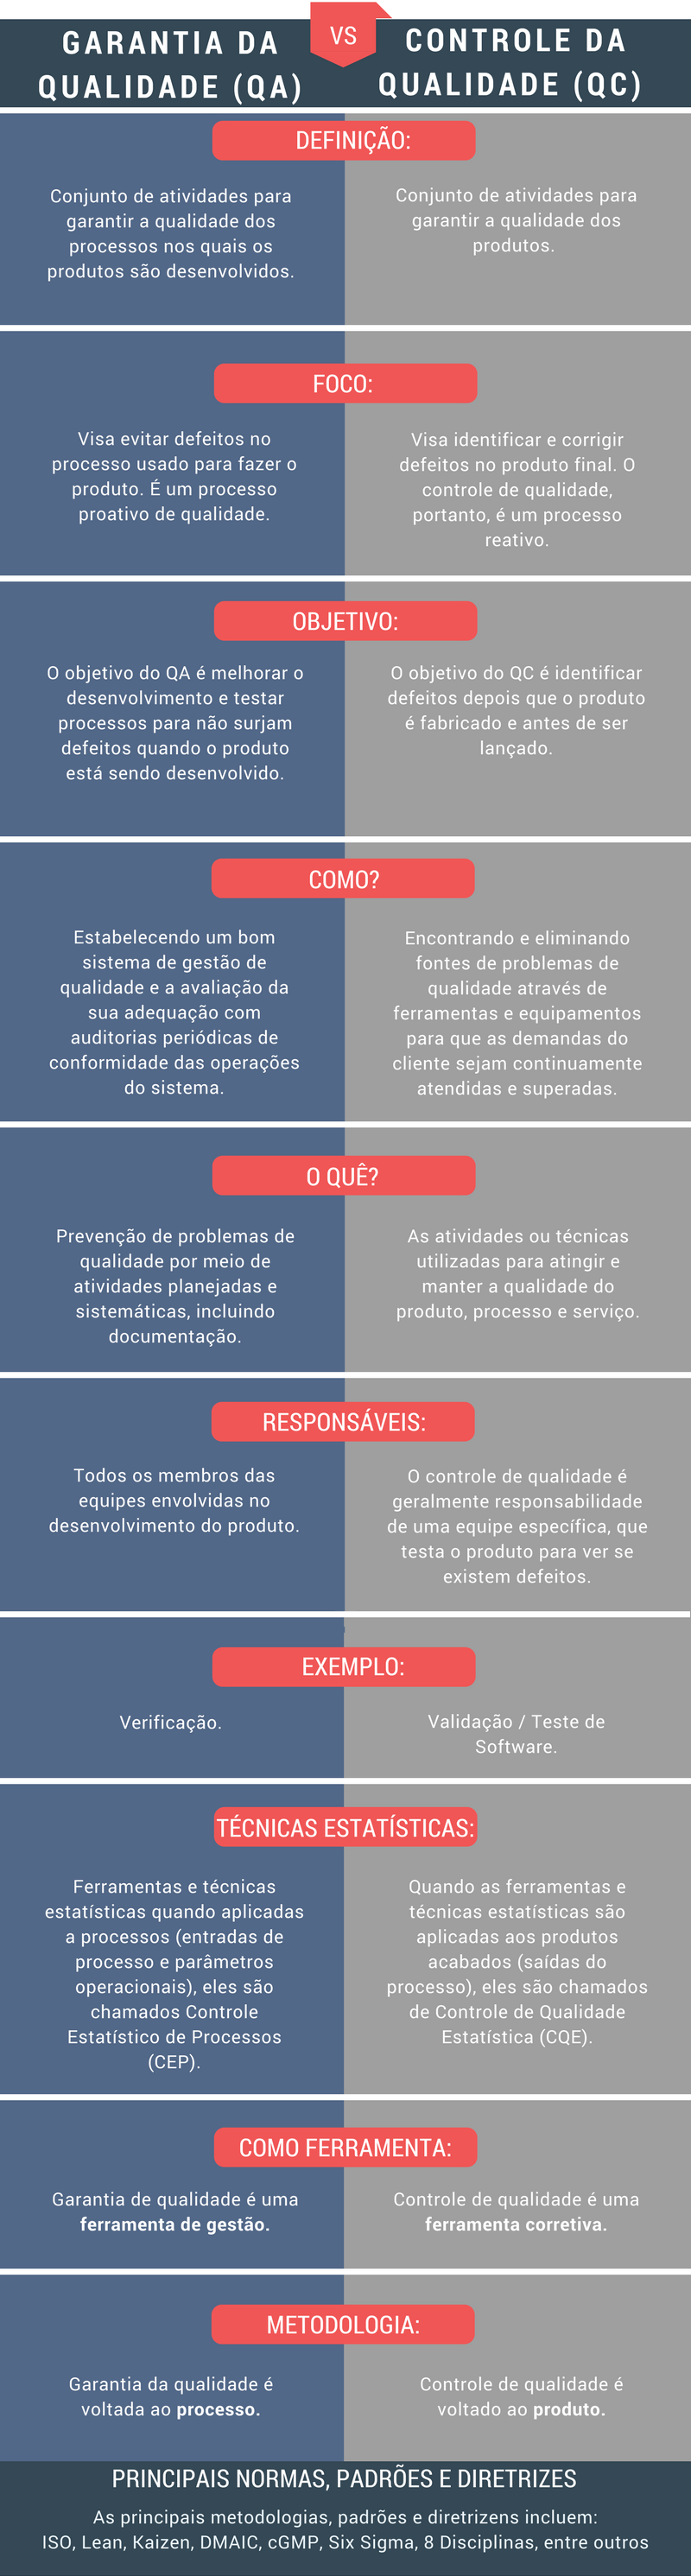 Garantia da Qualidade vs Controle da Qualidade